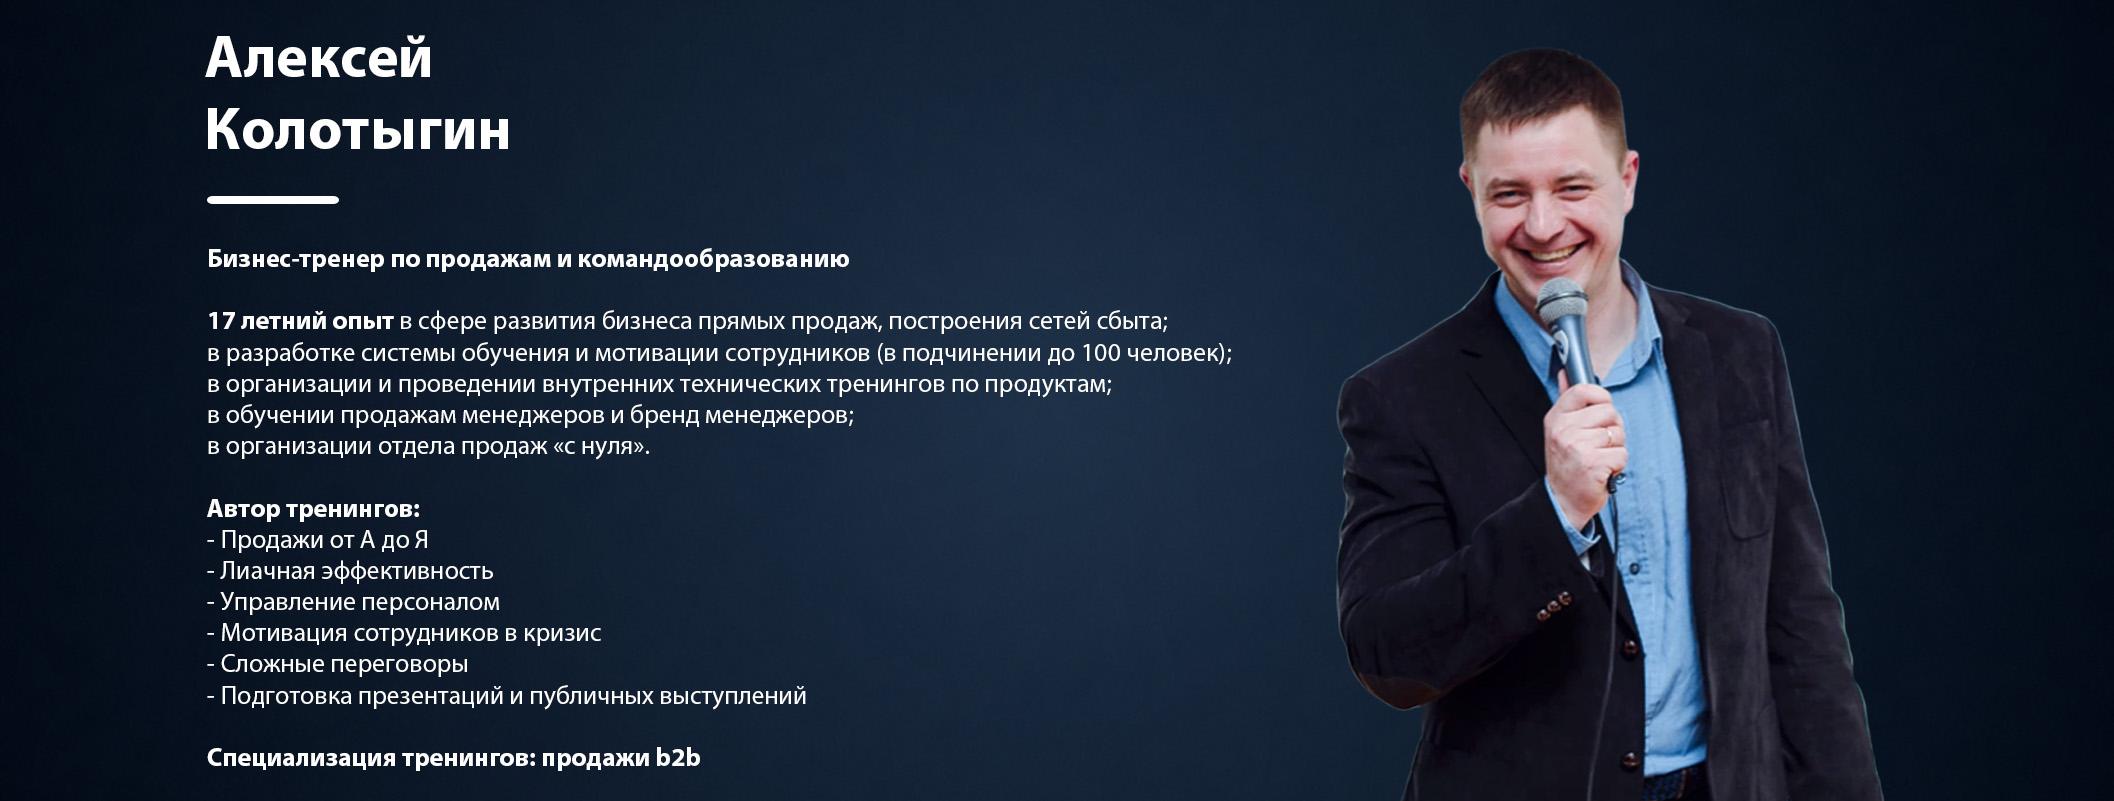 Колотыгин Алексей